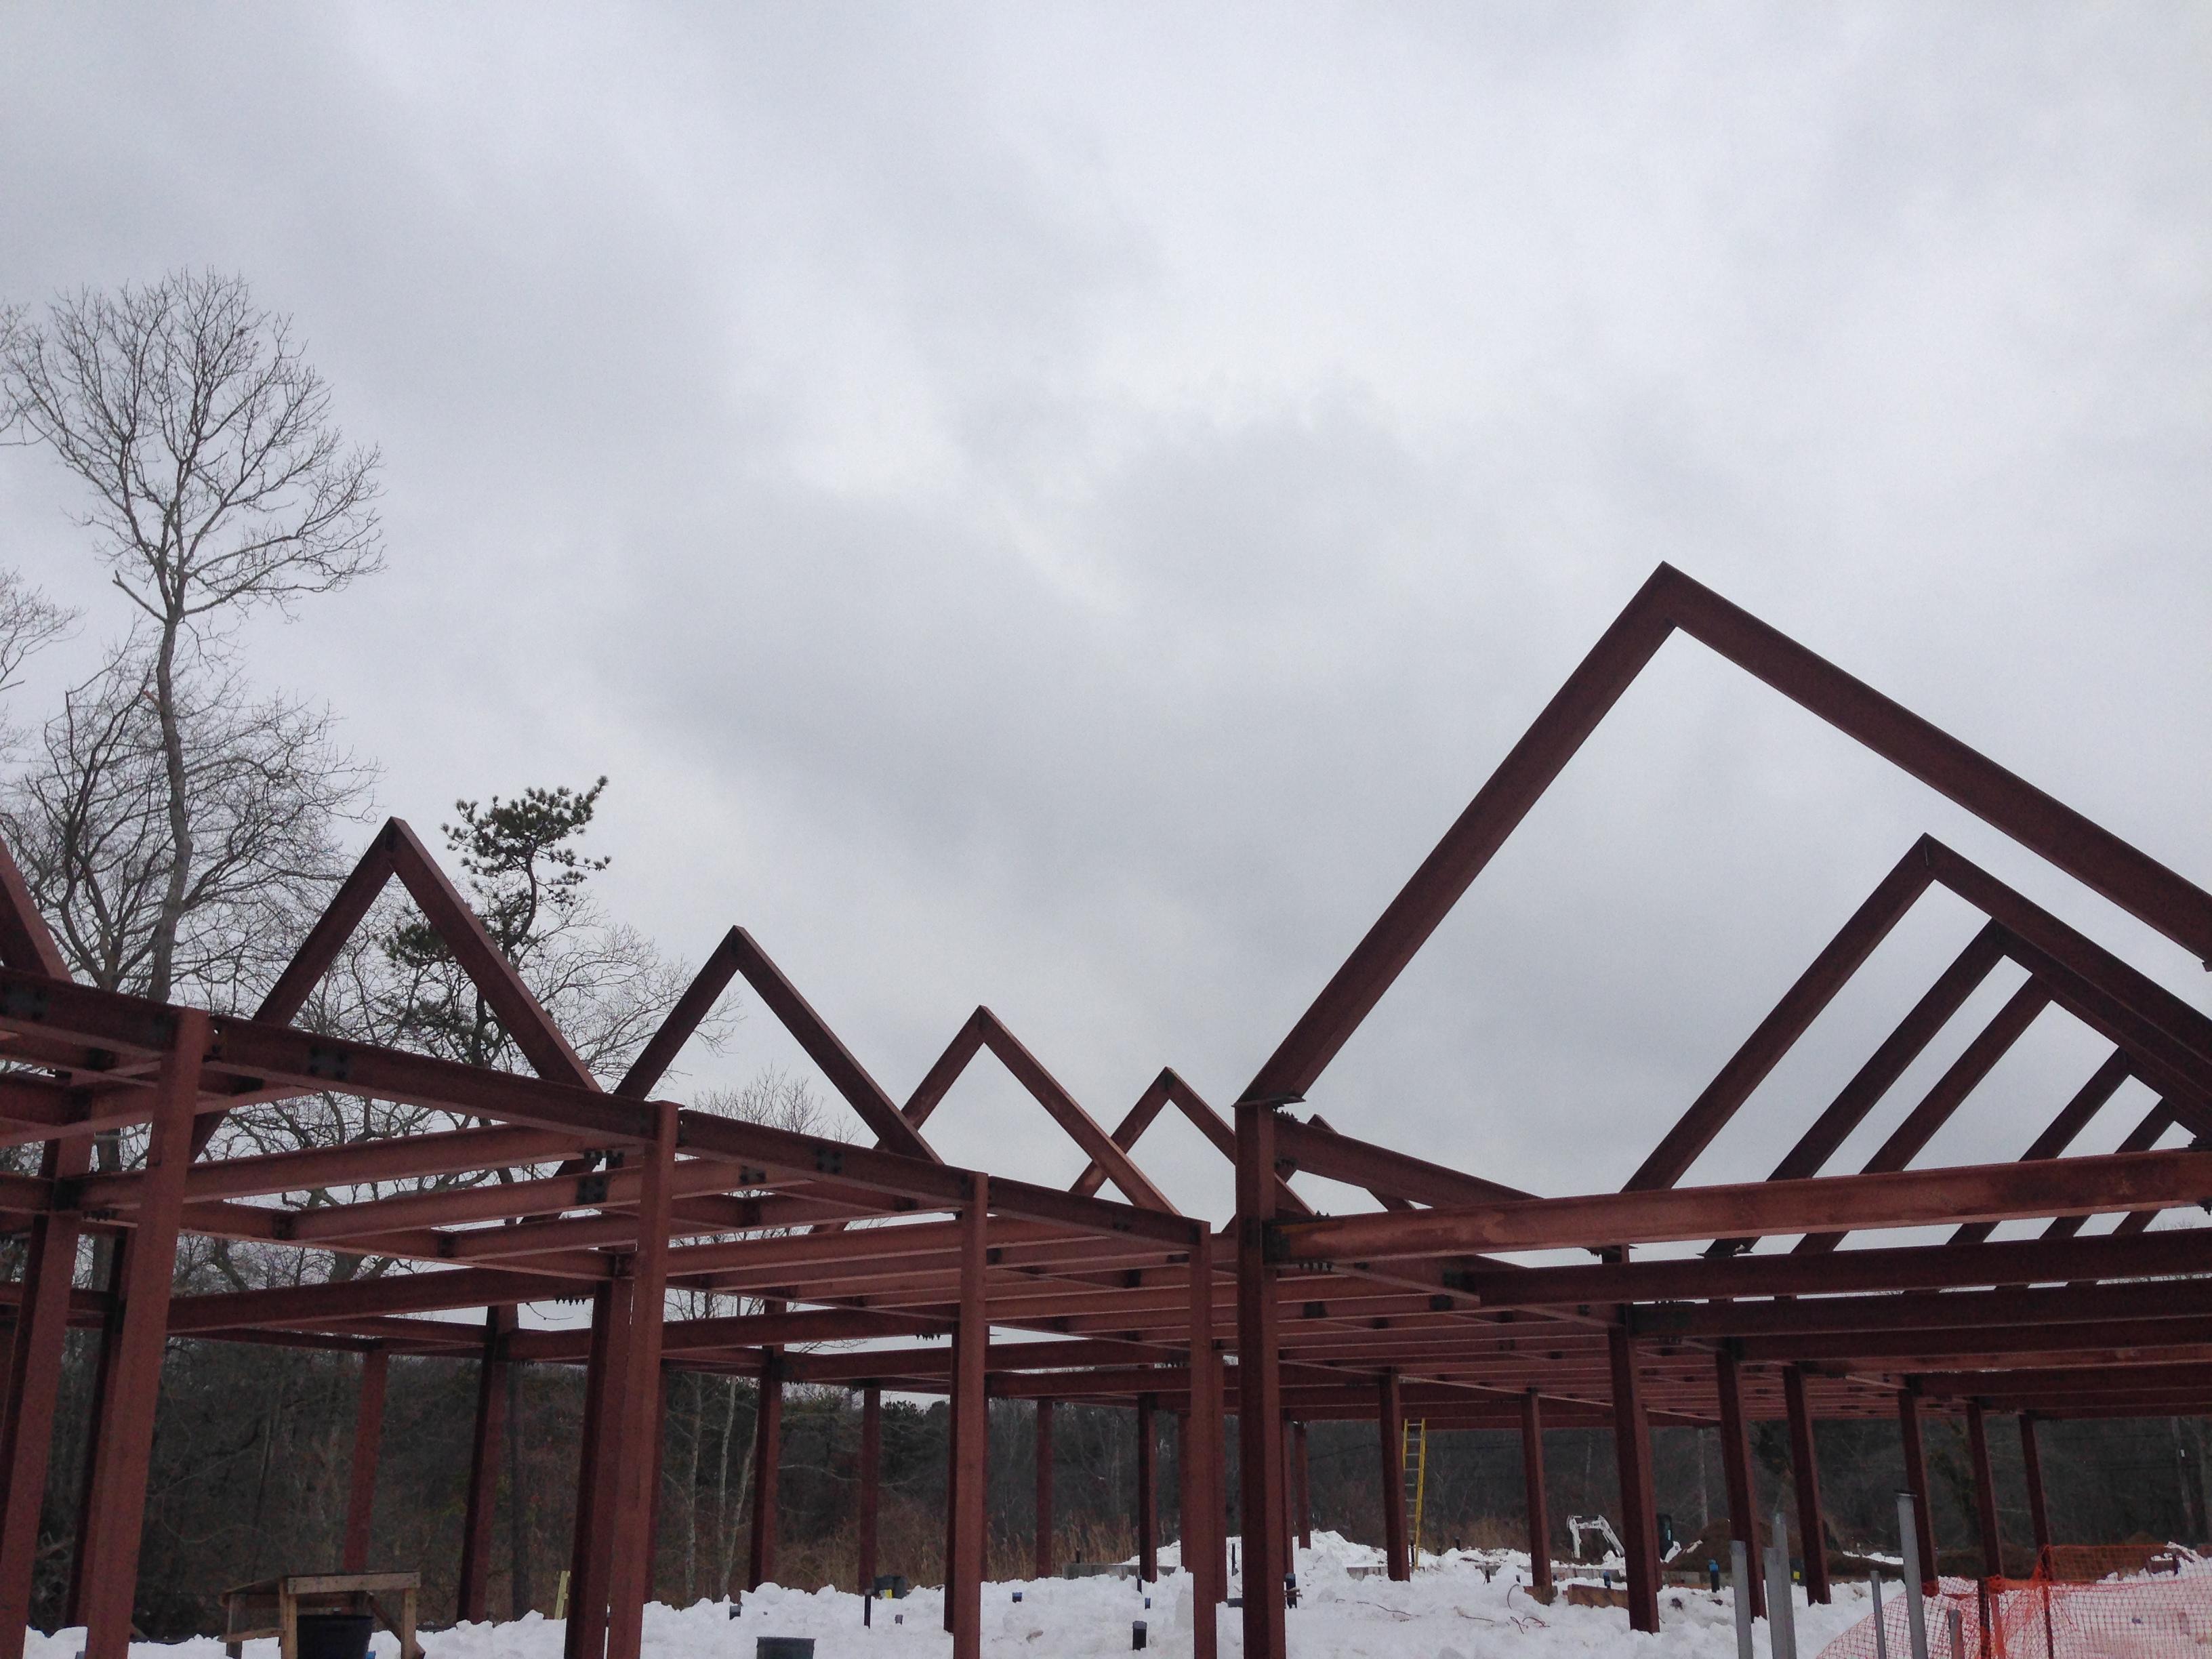 Steel beams in the snow